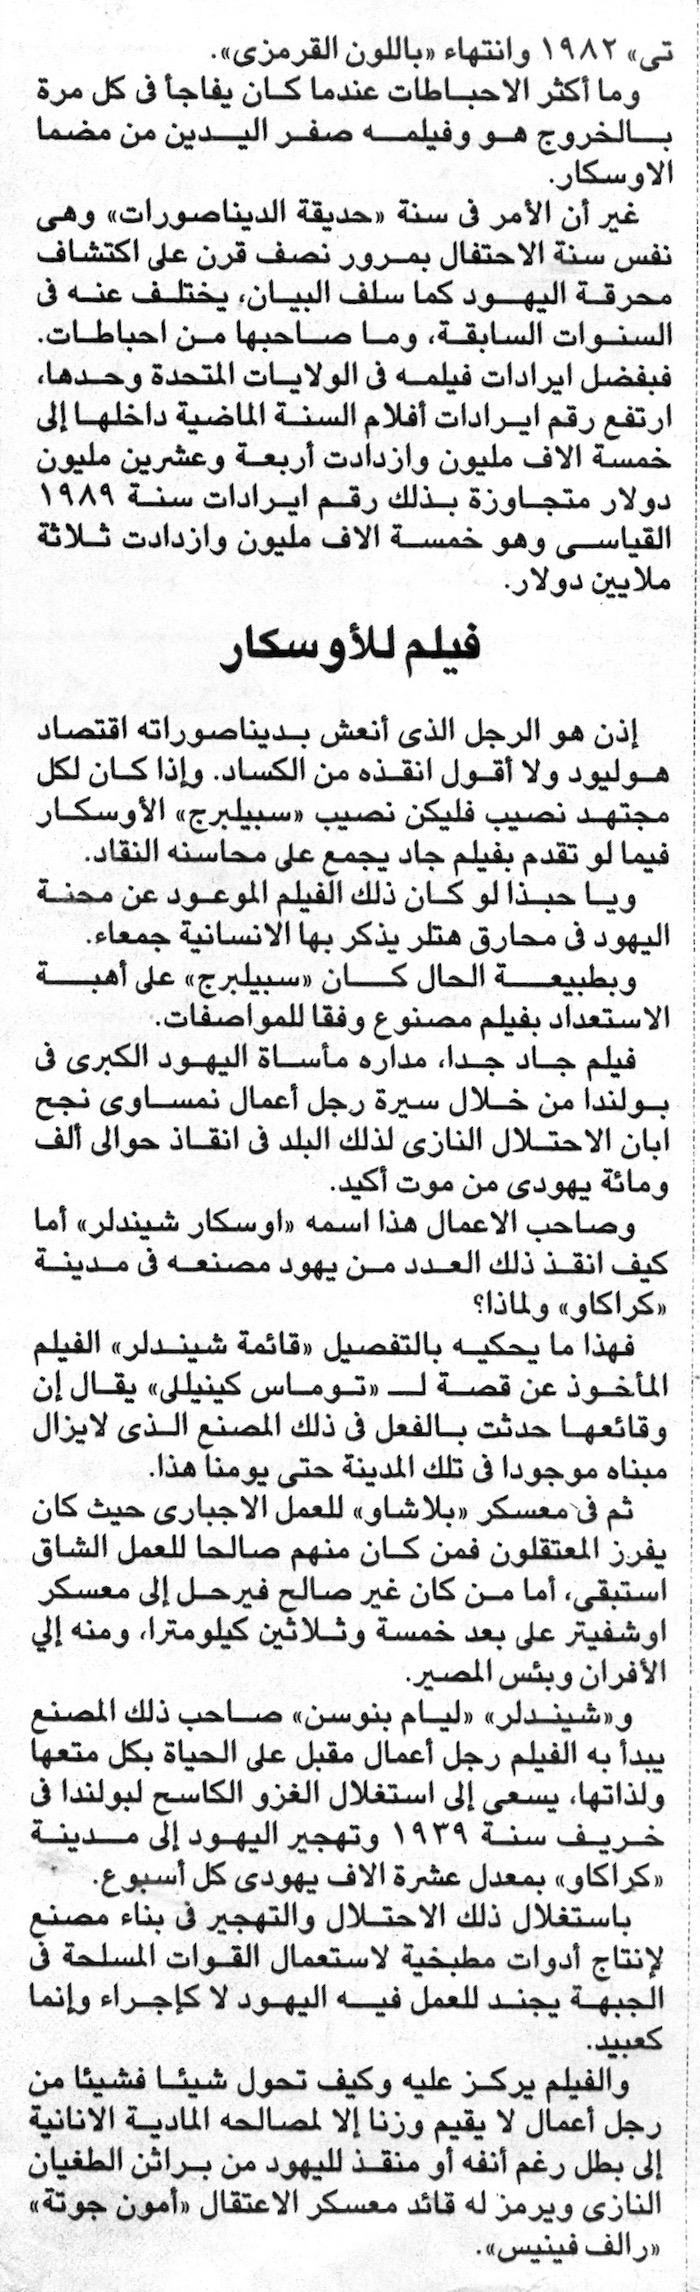 3alam_27031994